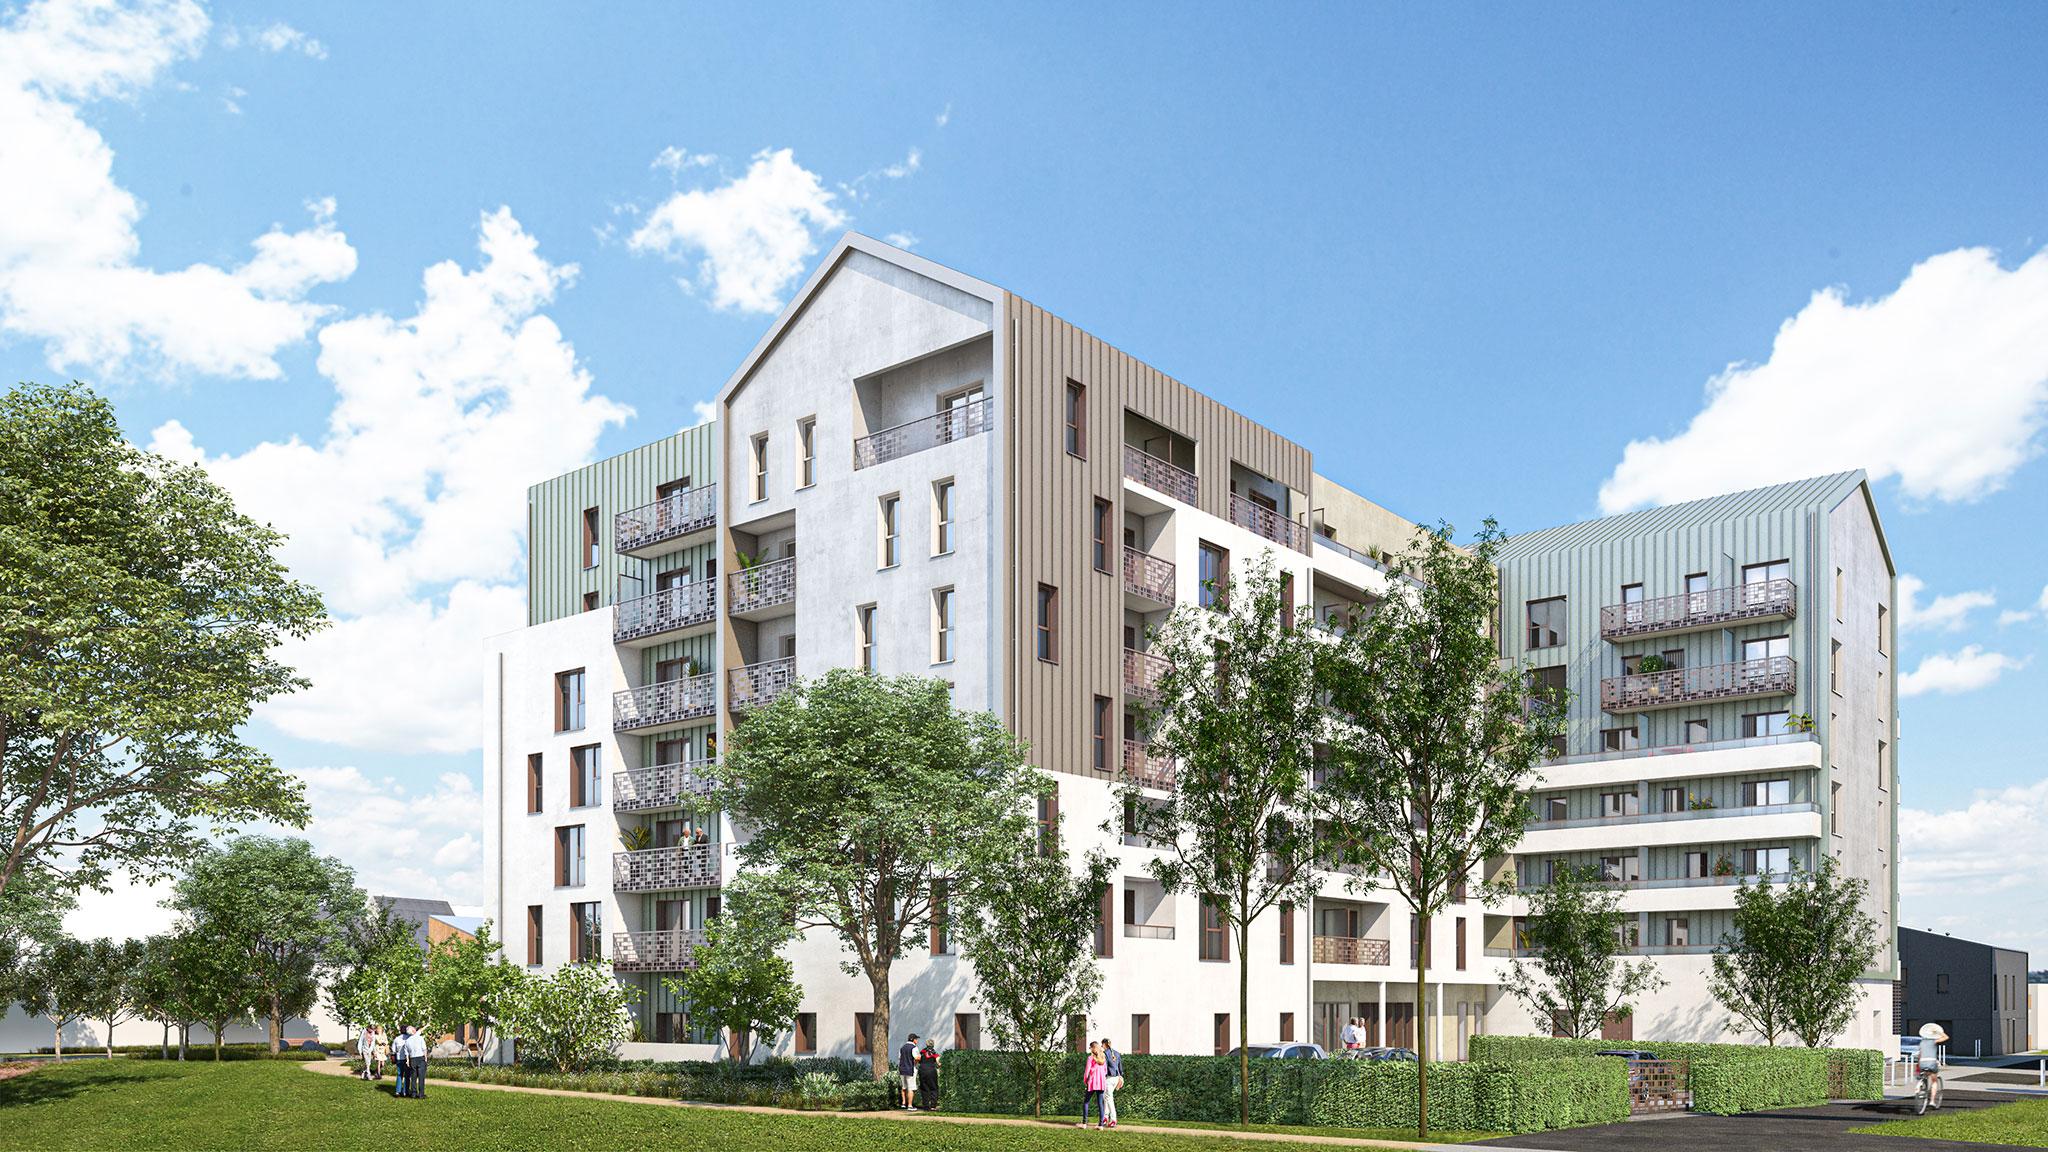 Les-Villes-Dorees_residence-services-senior-Heurus-perspective-exterieure